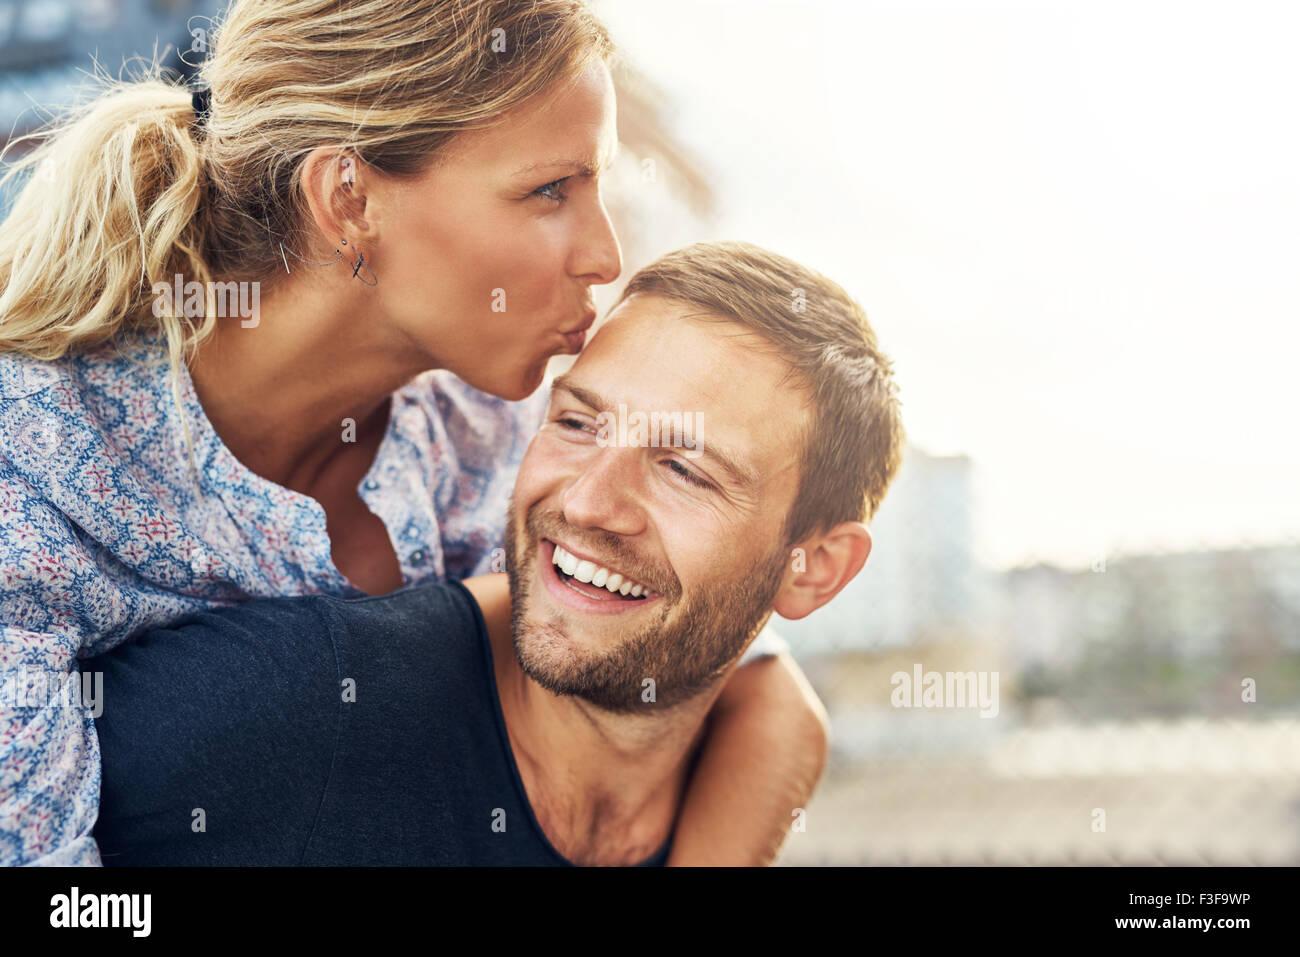 Frau Mann zu küssen, während er lacht, junges Paar Stockbild